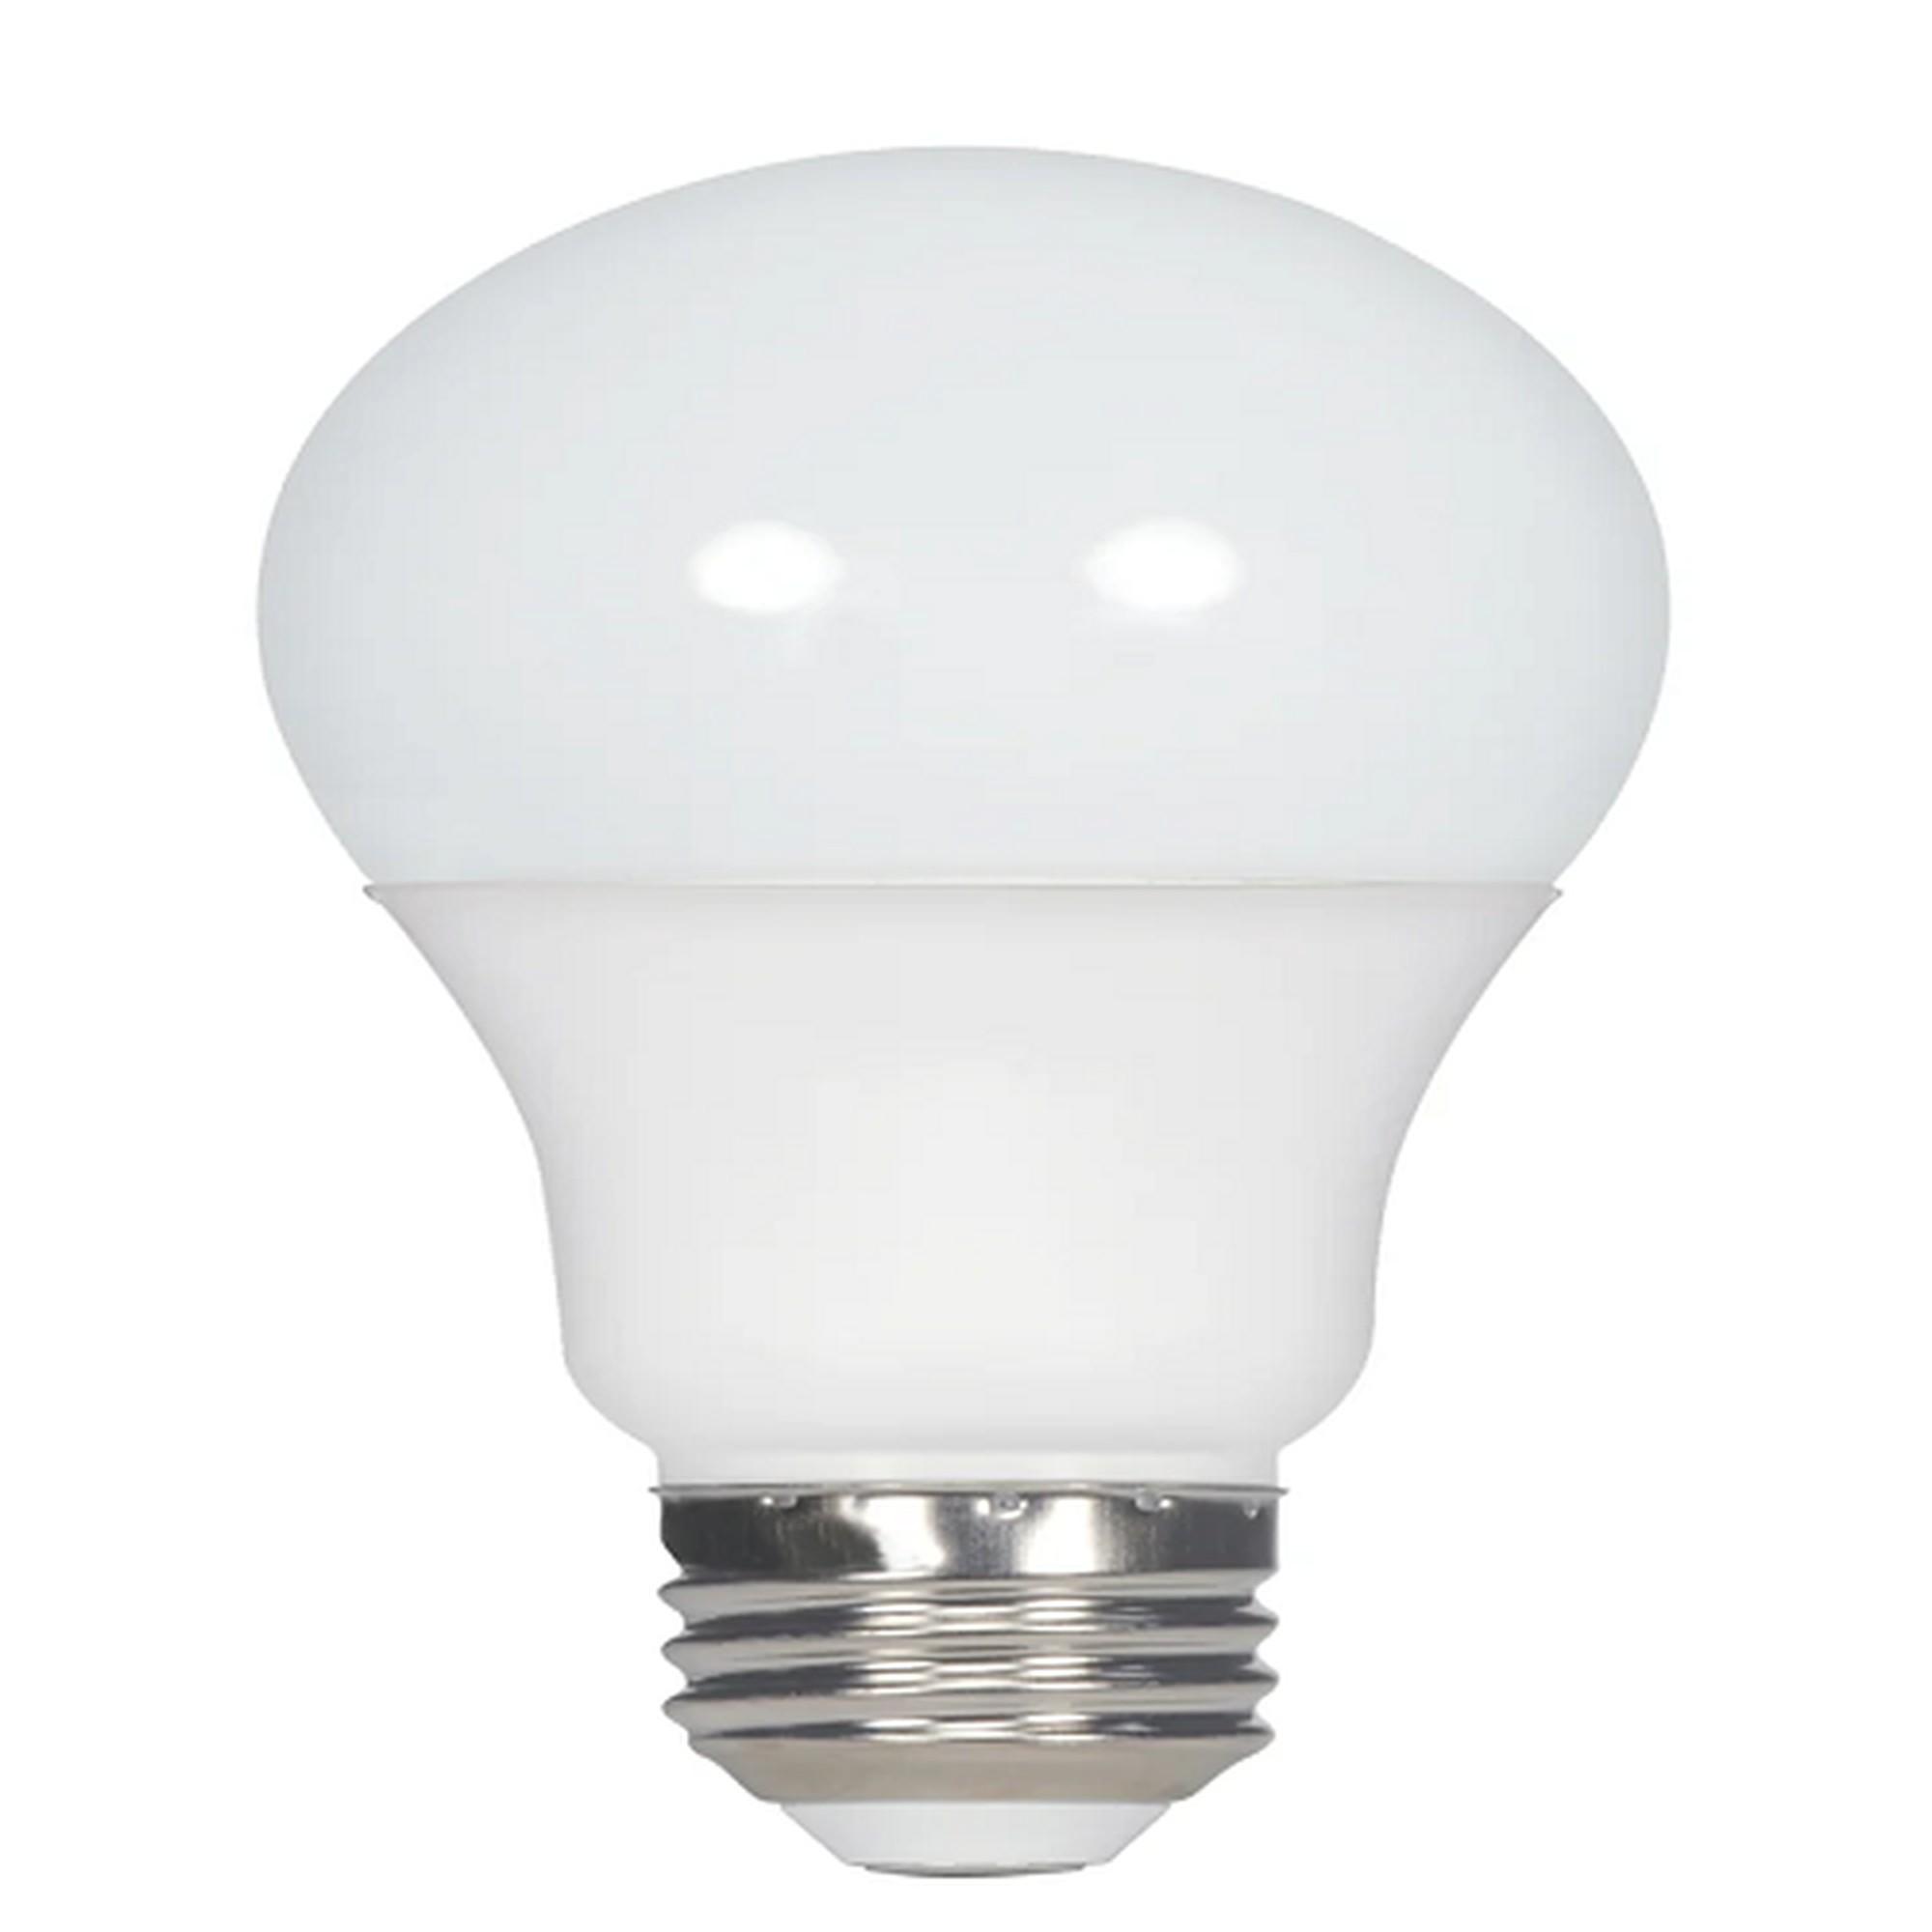 S29593 LED 9.5W A19 2700K BULB